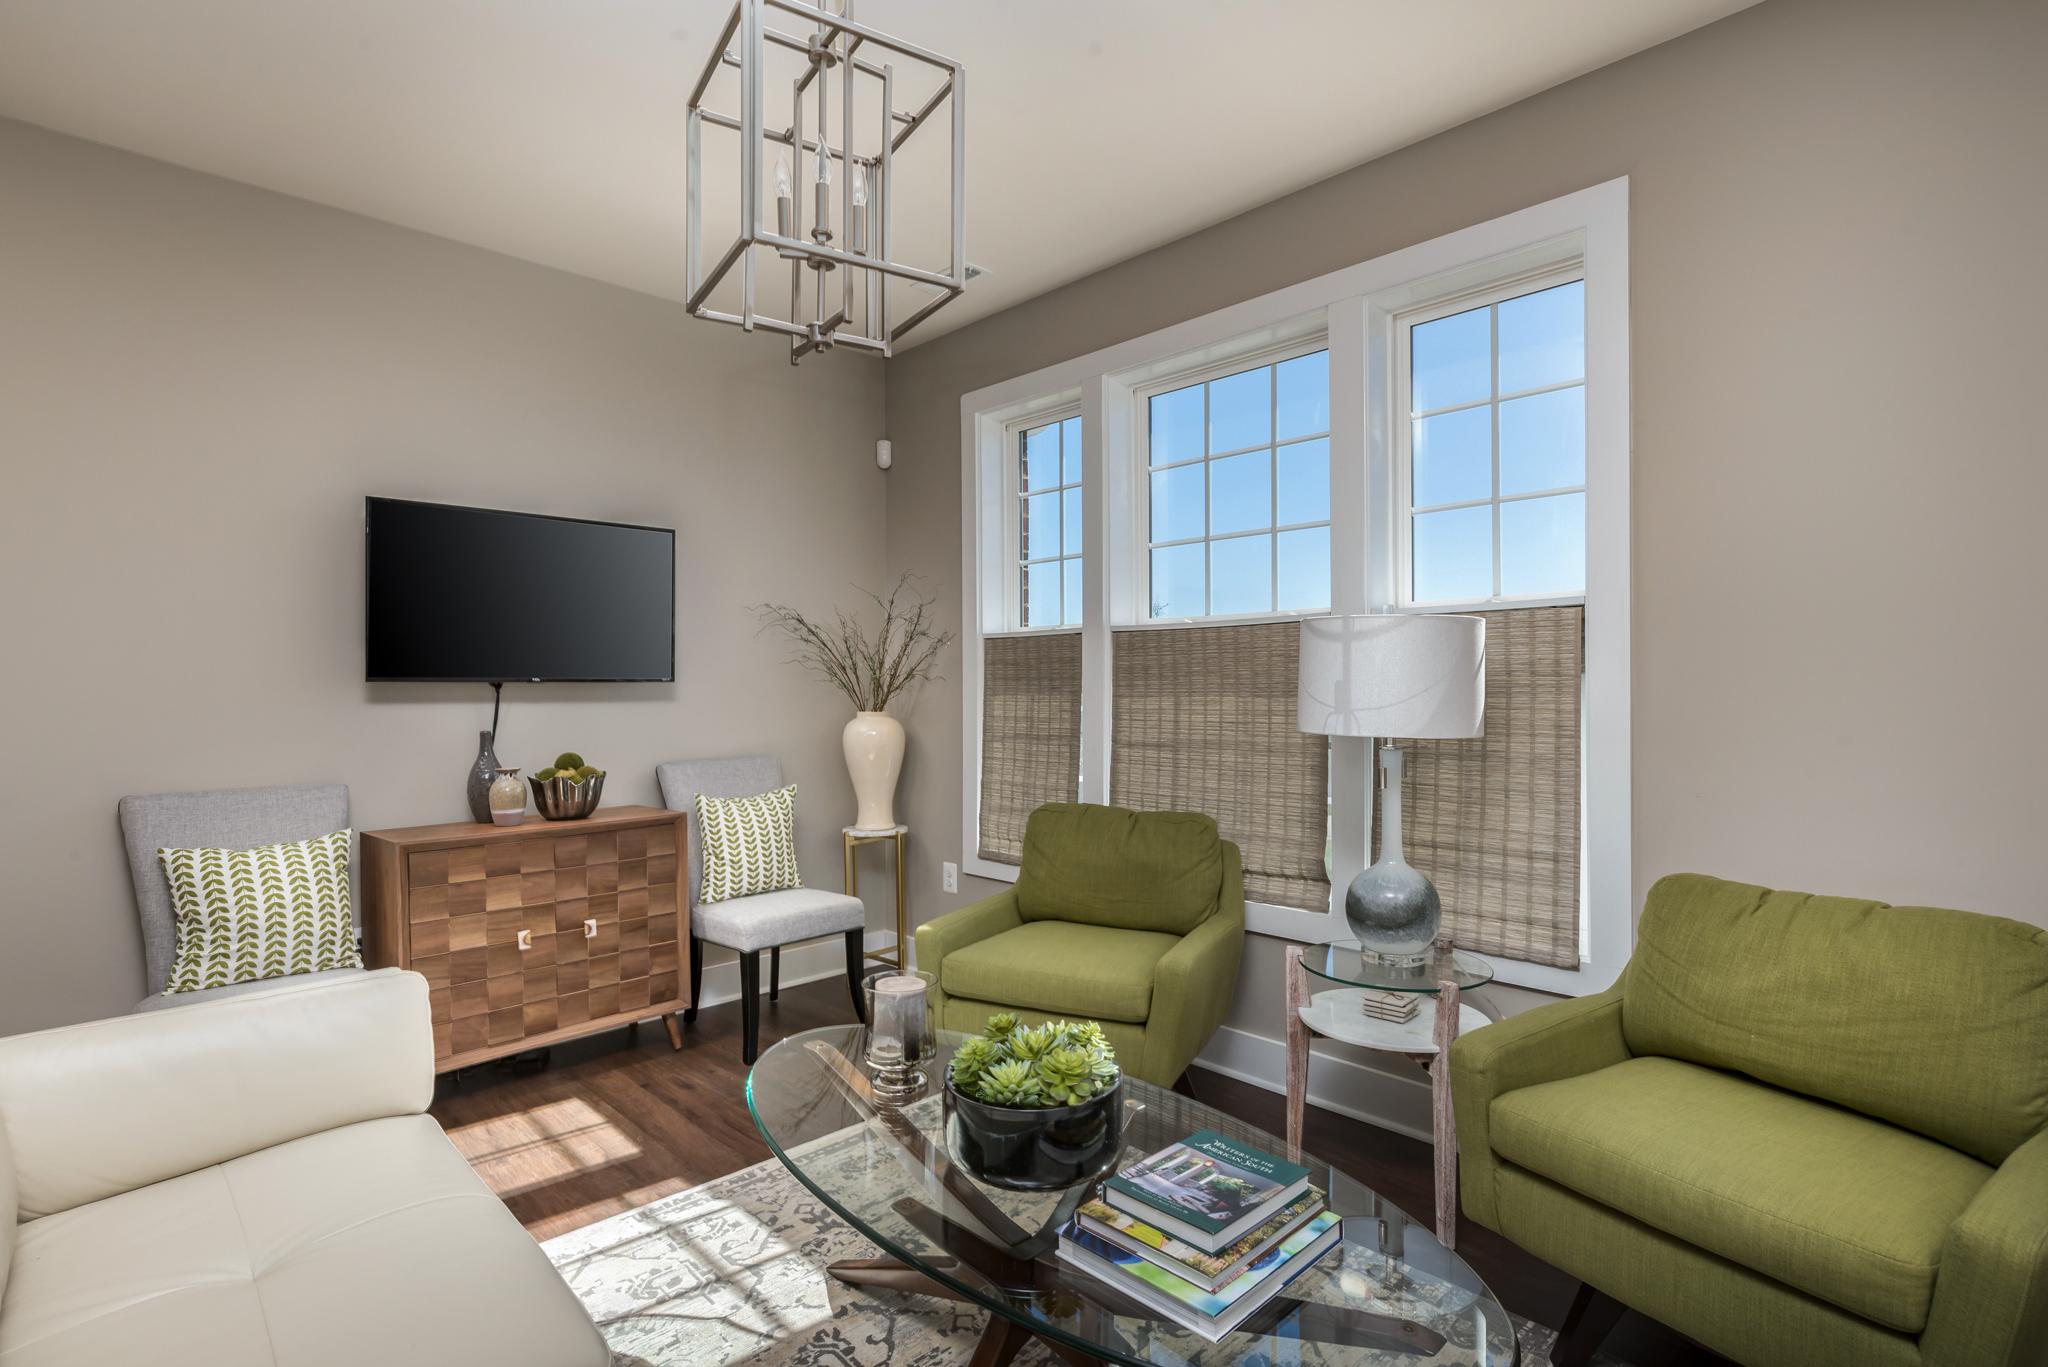 Charmant | Premier Interior Design Firm In Richmond VA